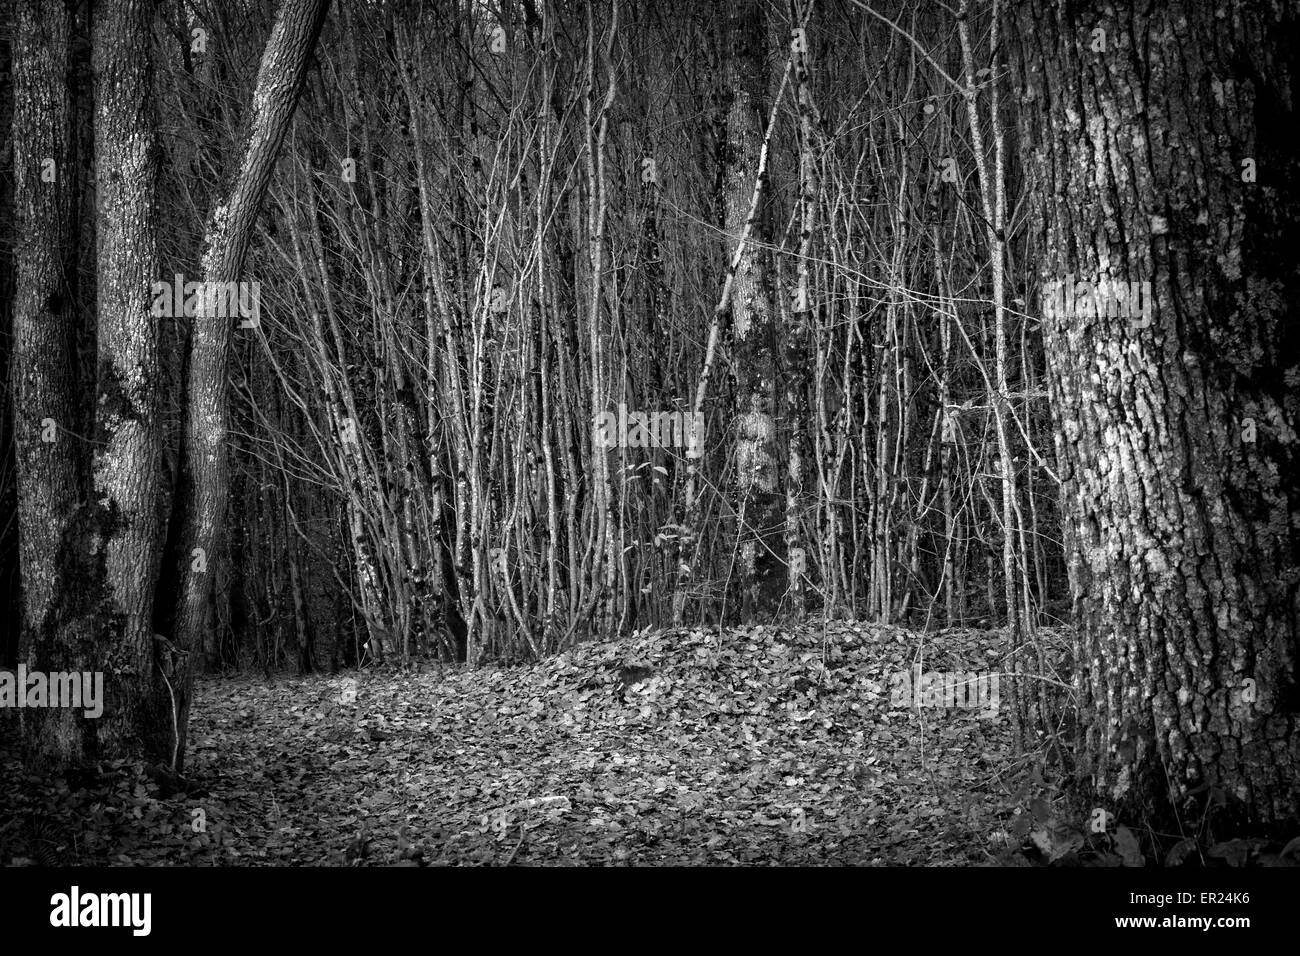 Bois forêt arbre noir et blanc bois Photo Stock